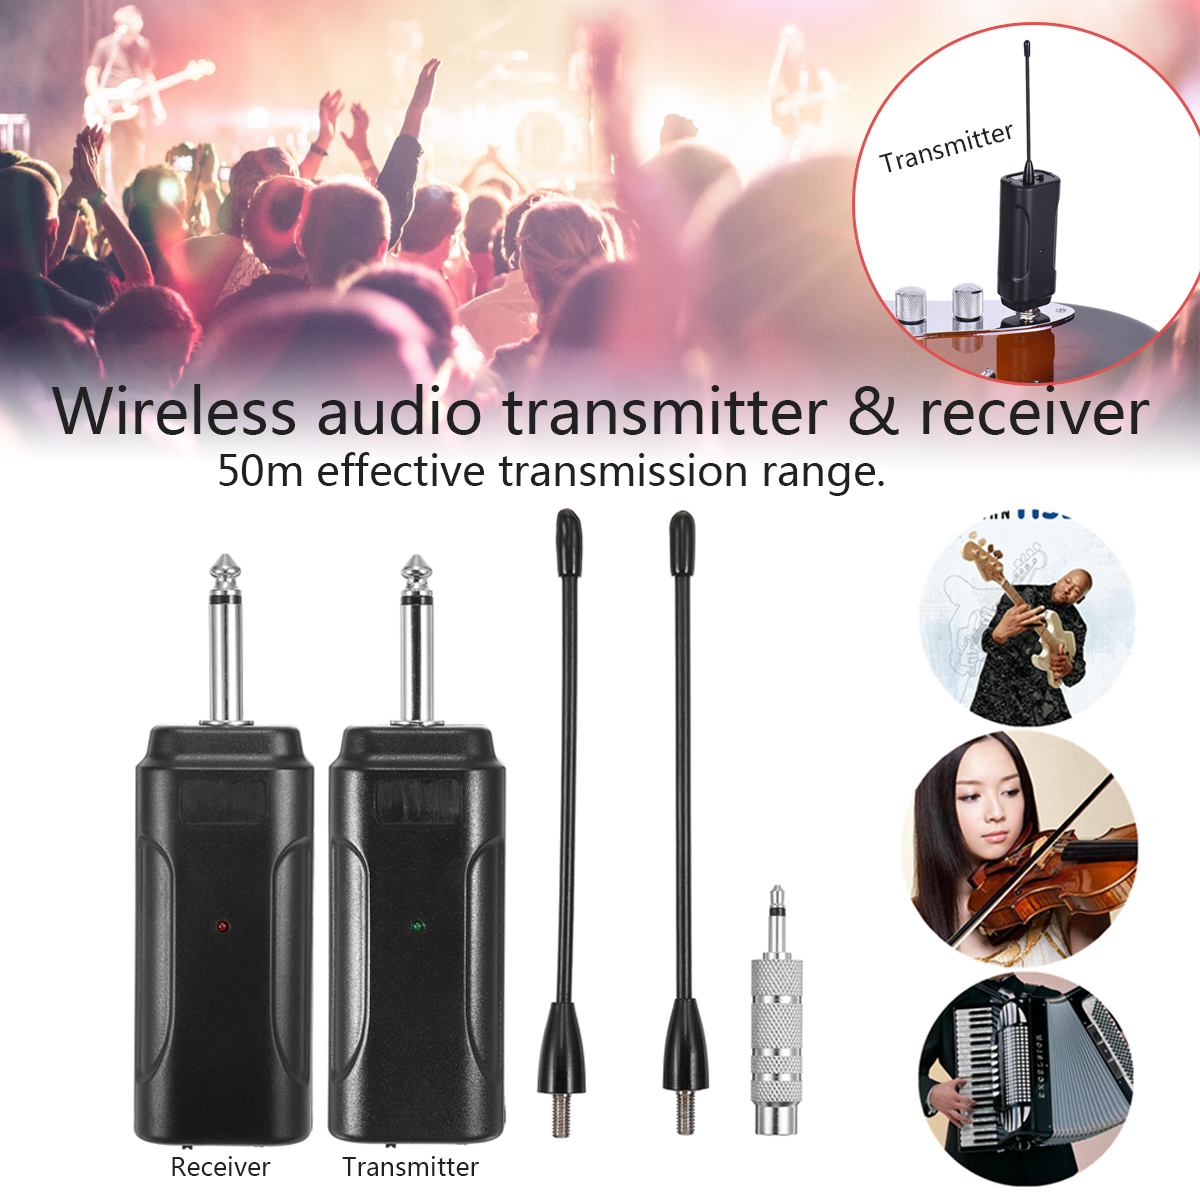 Tragbares Audio & Video Initiative Multi-kanal Wireless Audio Transmitter Verstärker Receiver System Für Gitarre Schwarz Leichte E4v5 Instrumente Anti-jamming üBerlegene Leistung Unterhaltungselektronik